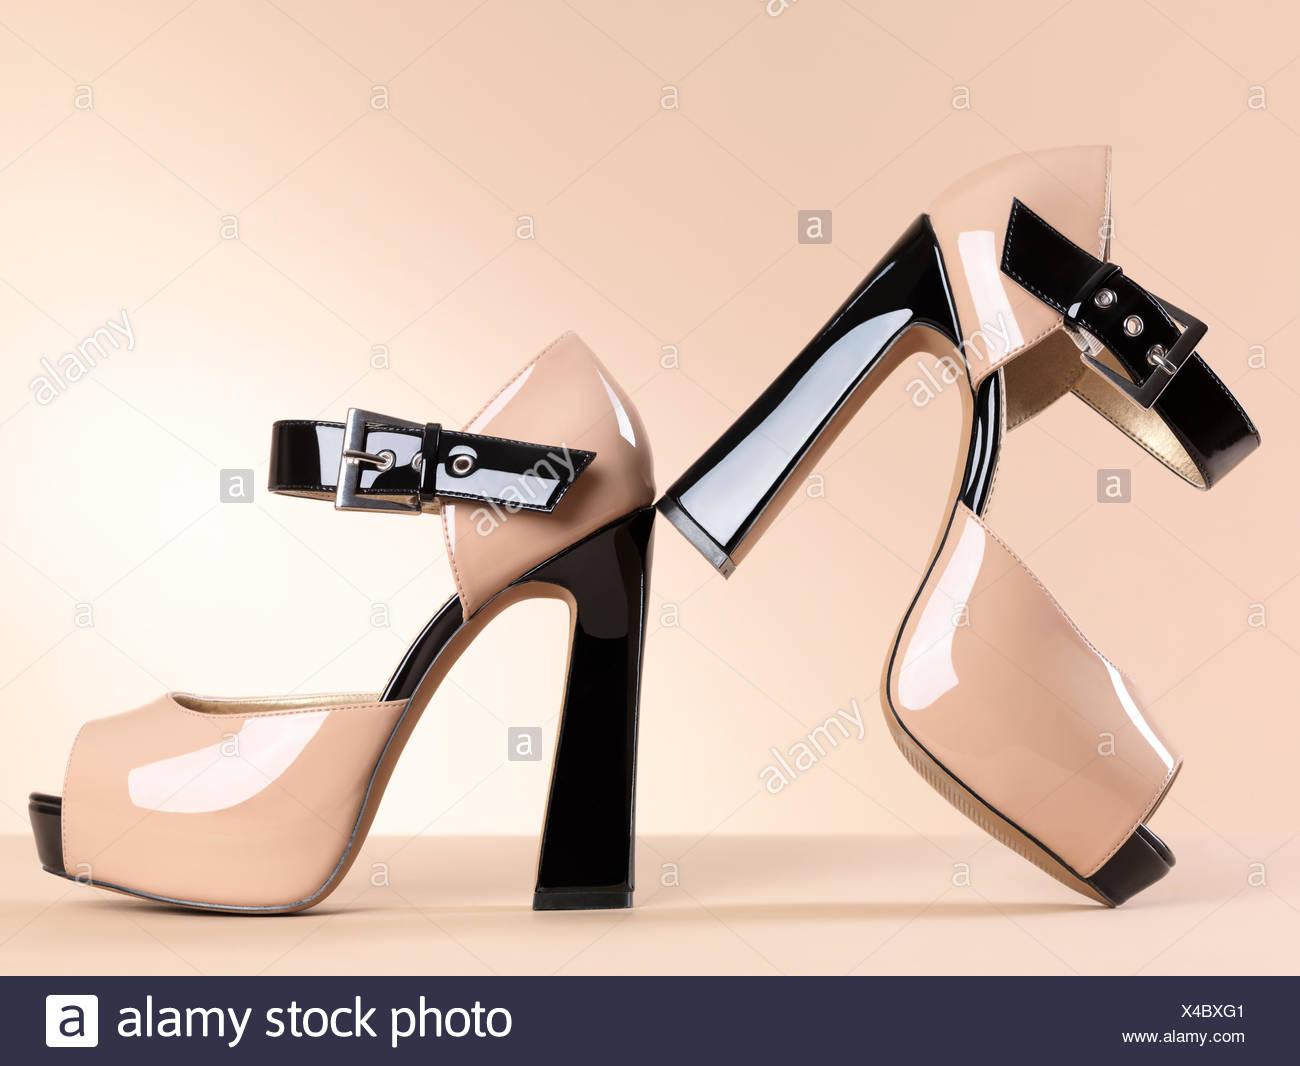 Shiny open-toe high heels - Stock Image